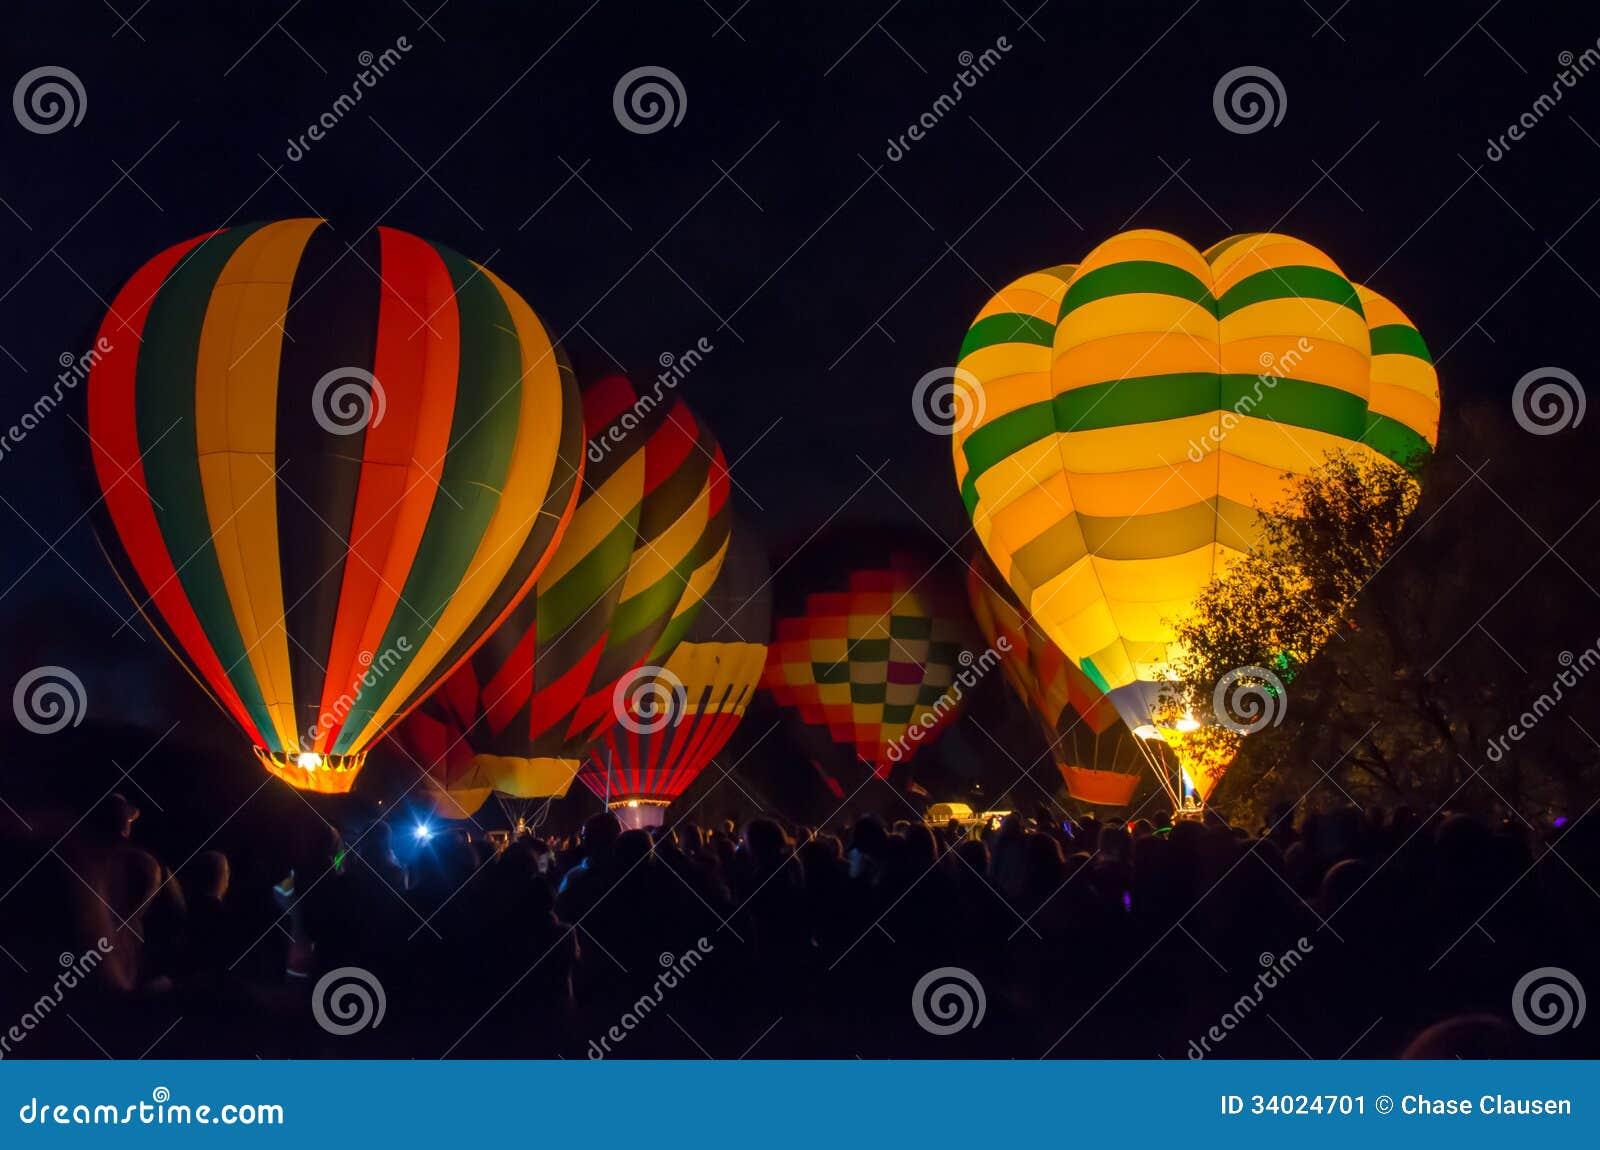 Bright Hot Air Balloons Glowing At Night Stock Image ...